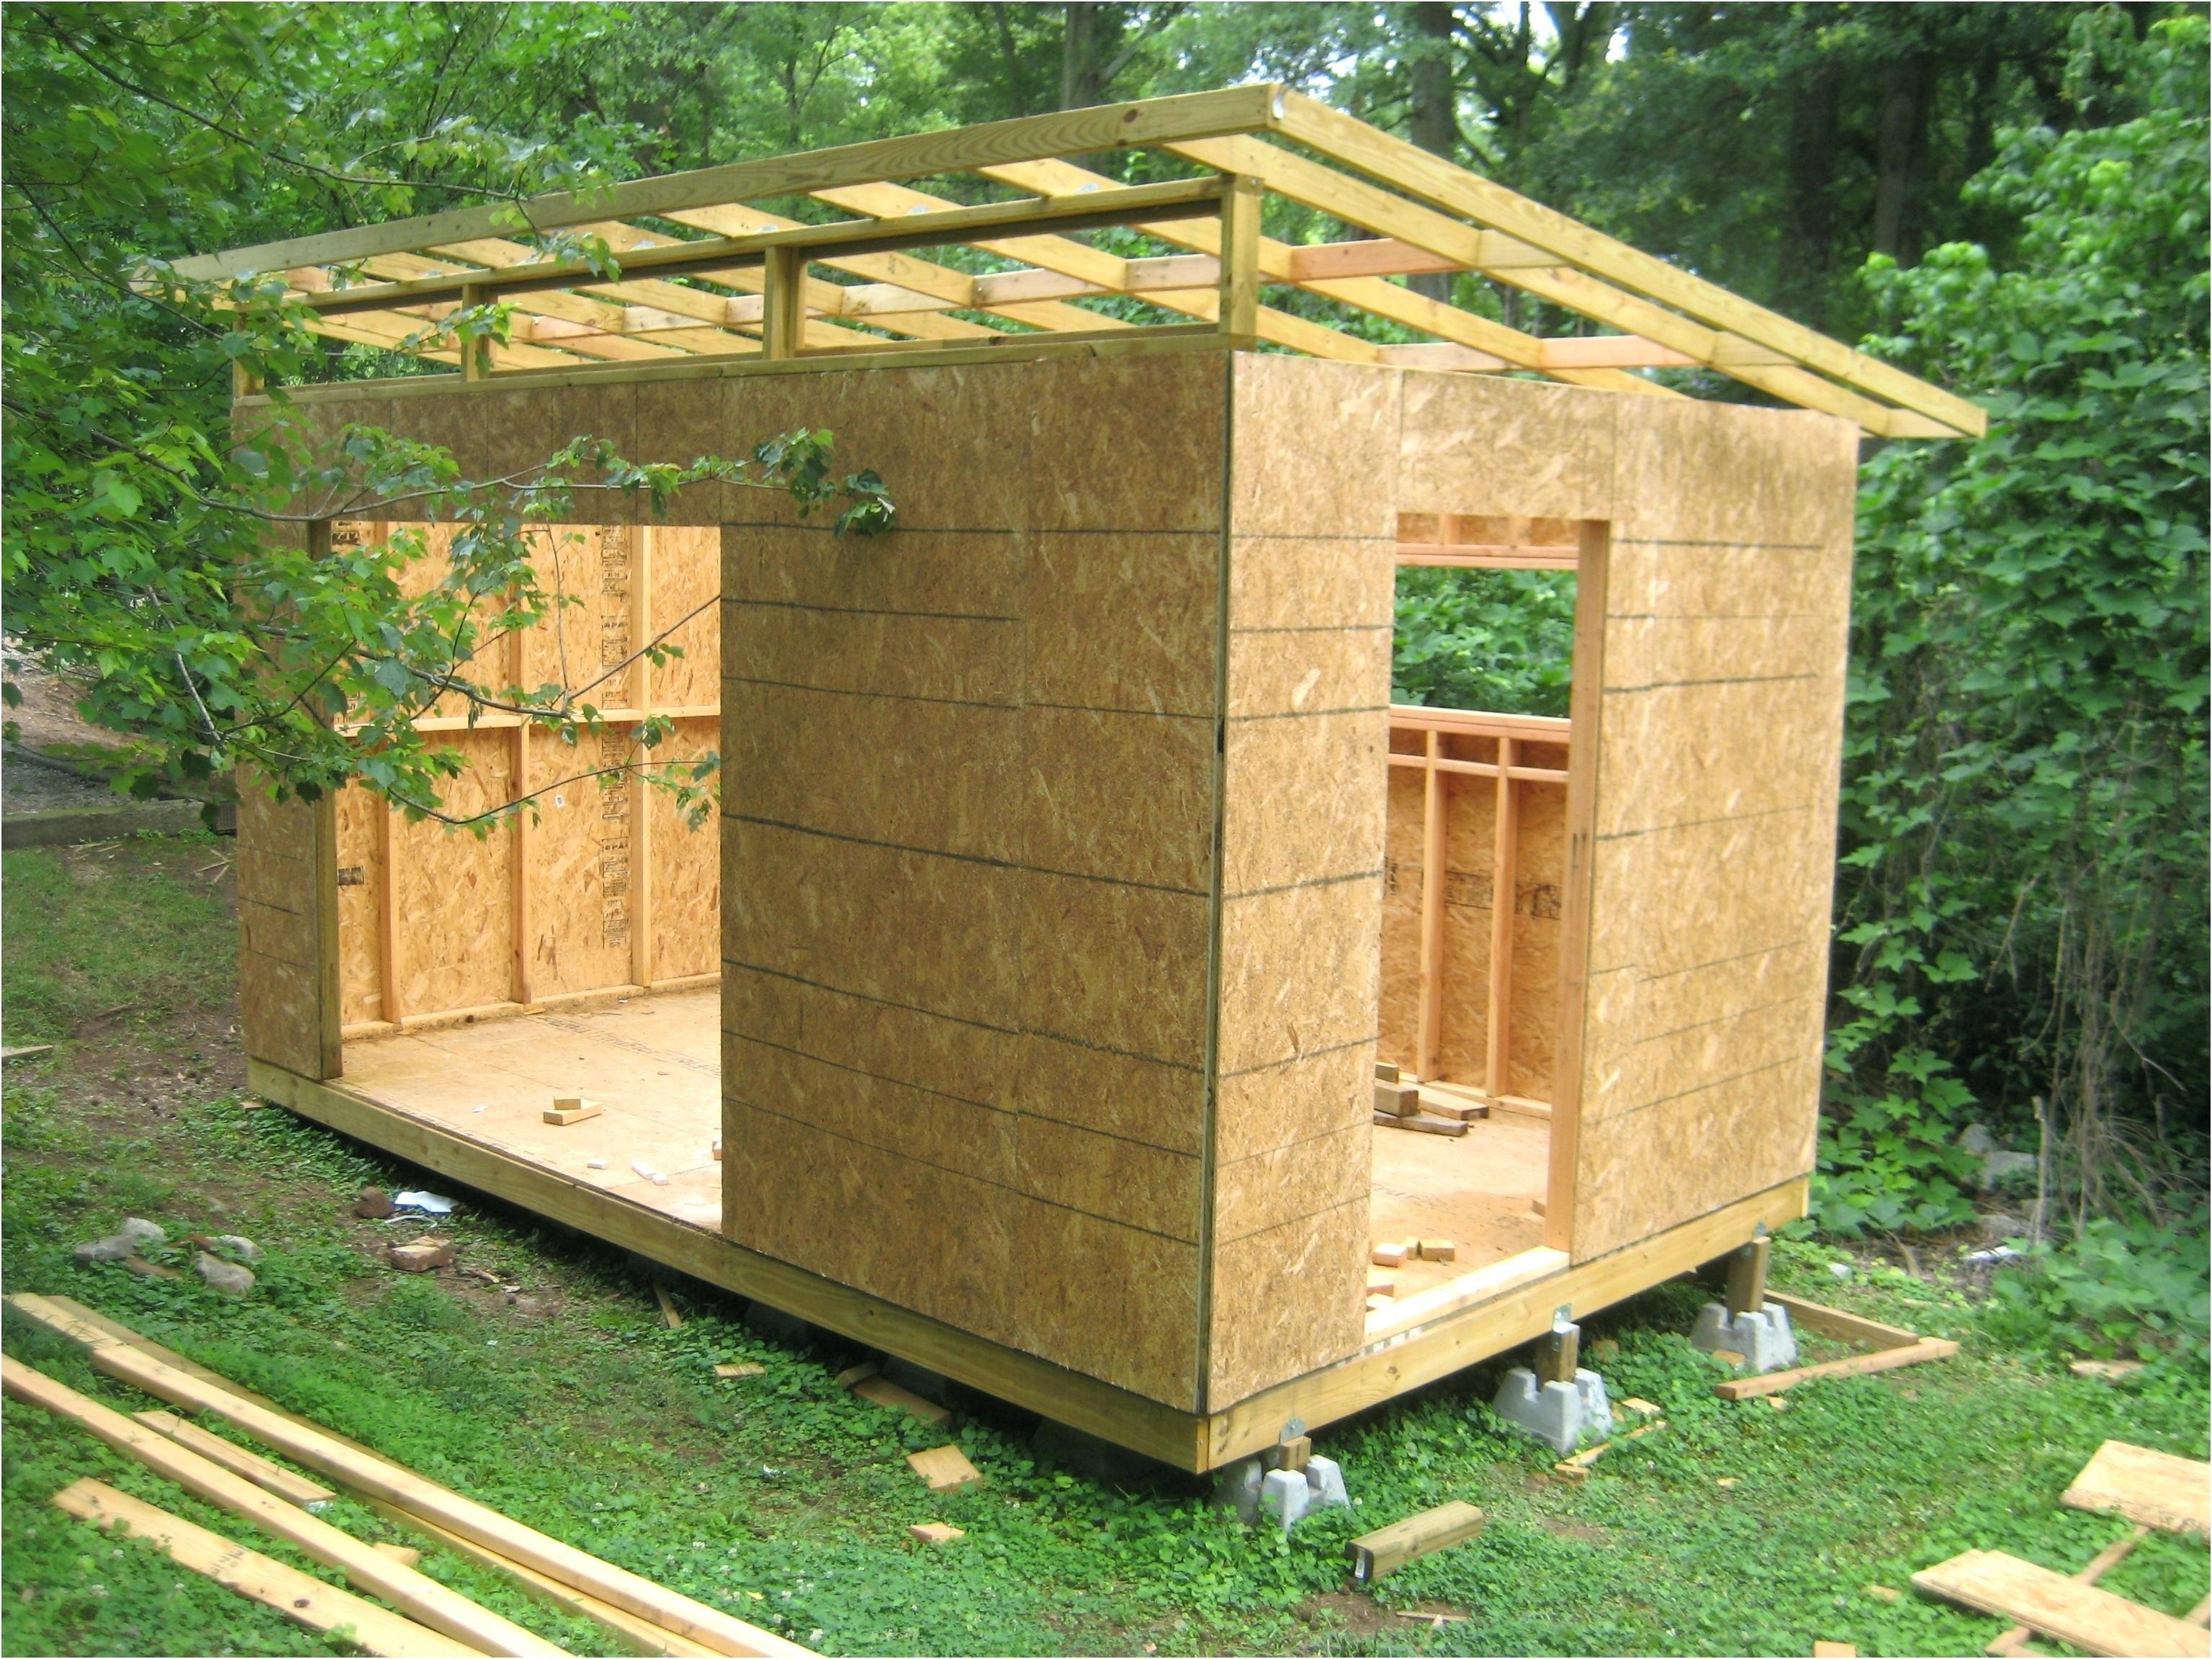 Bauanleitung Gartenhaus Terrassena Berdachung Genial